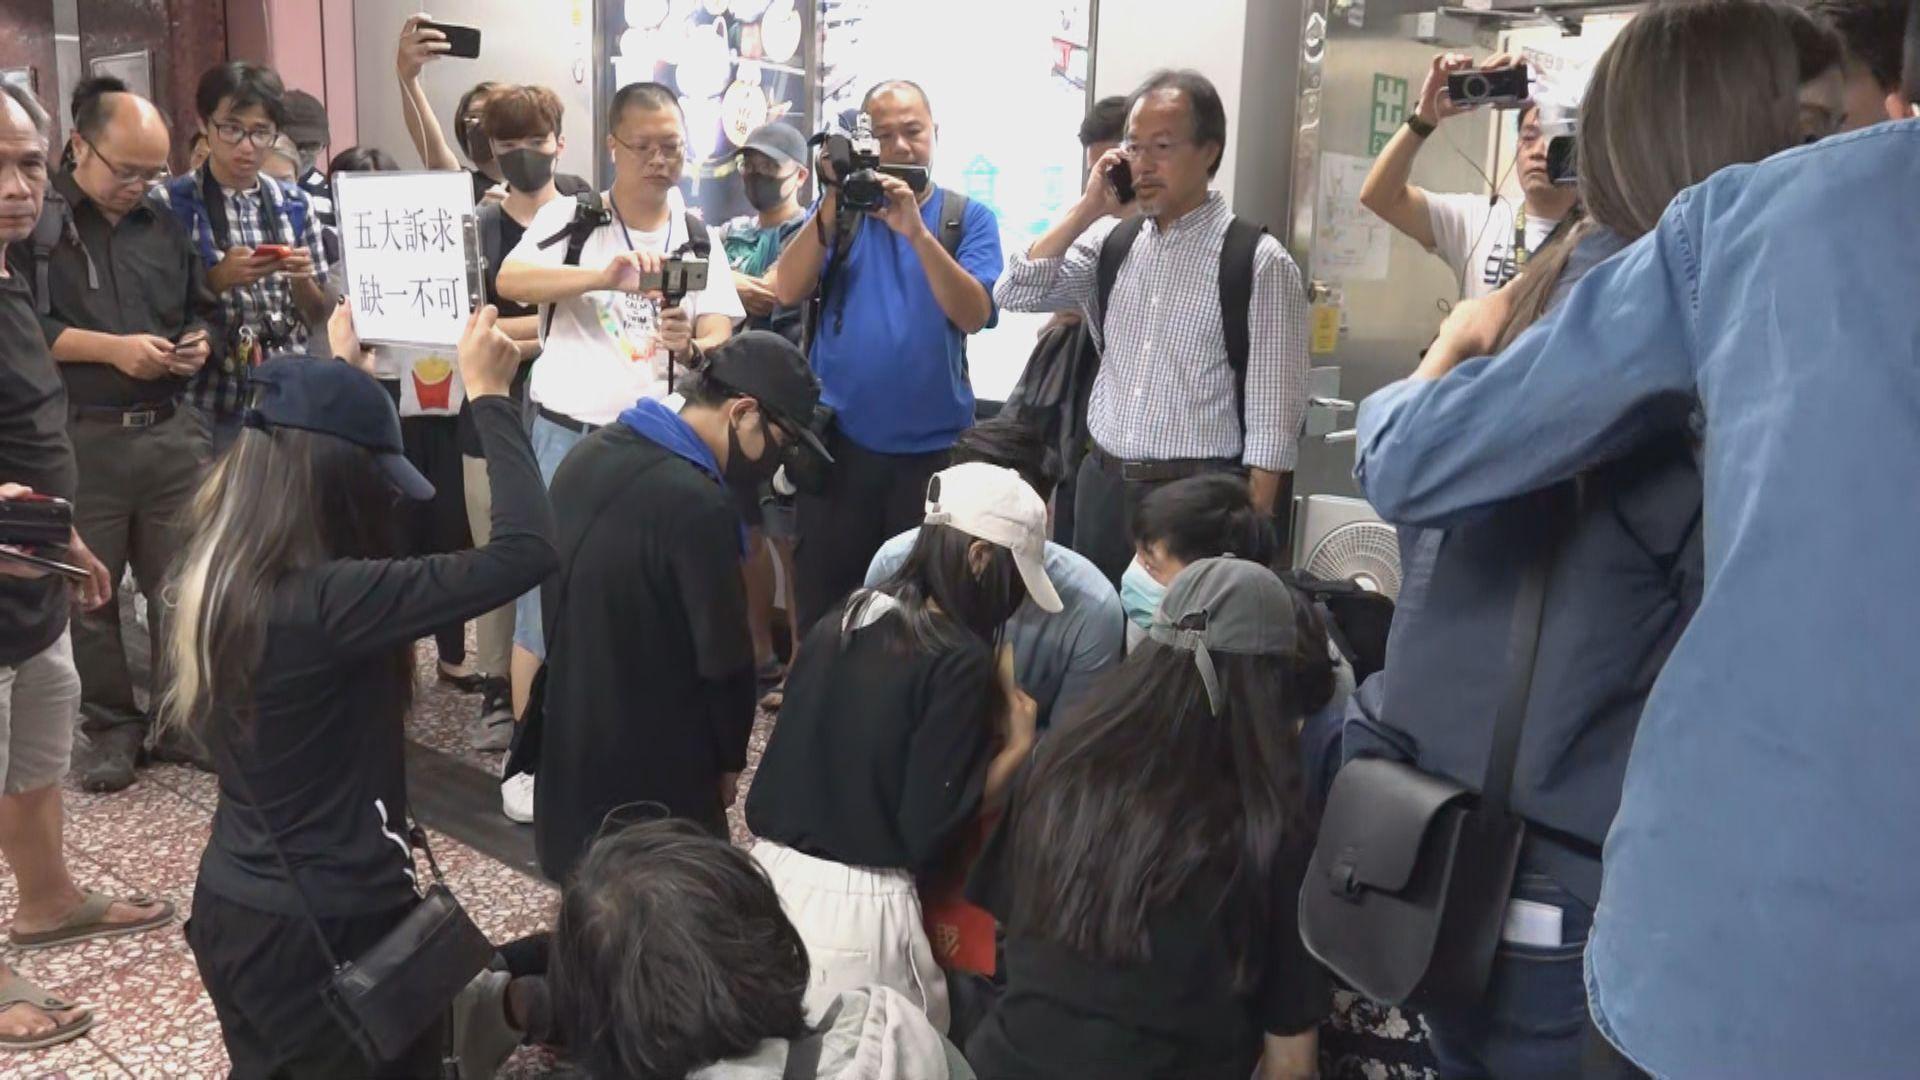 張超雄:港鐵指不會刪除831太子站內片段